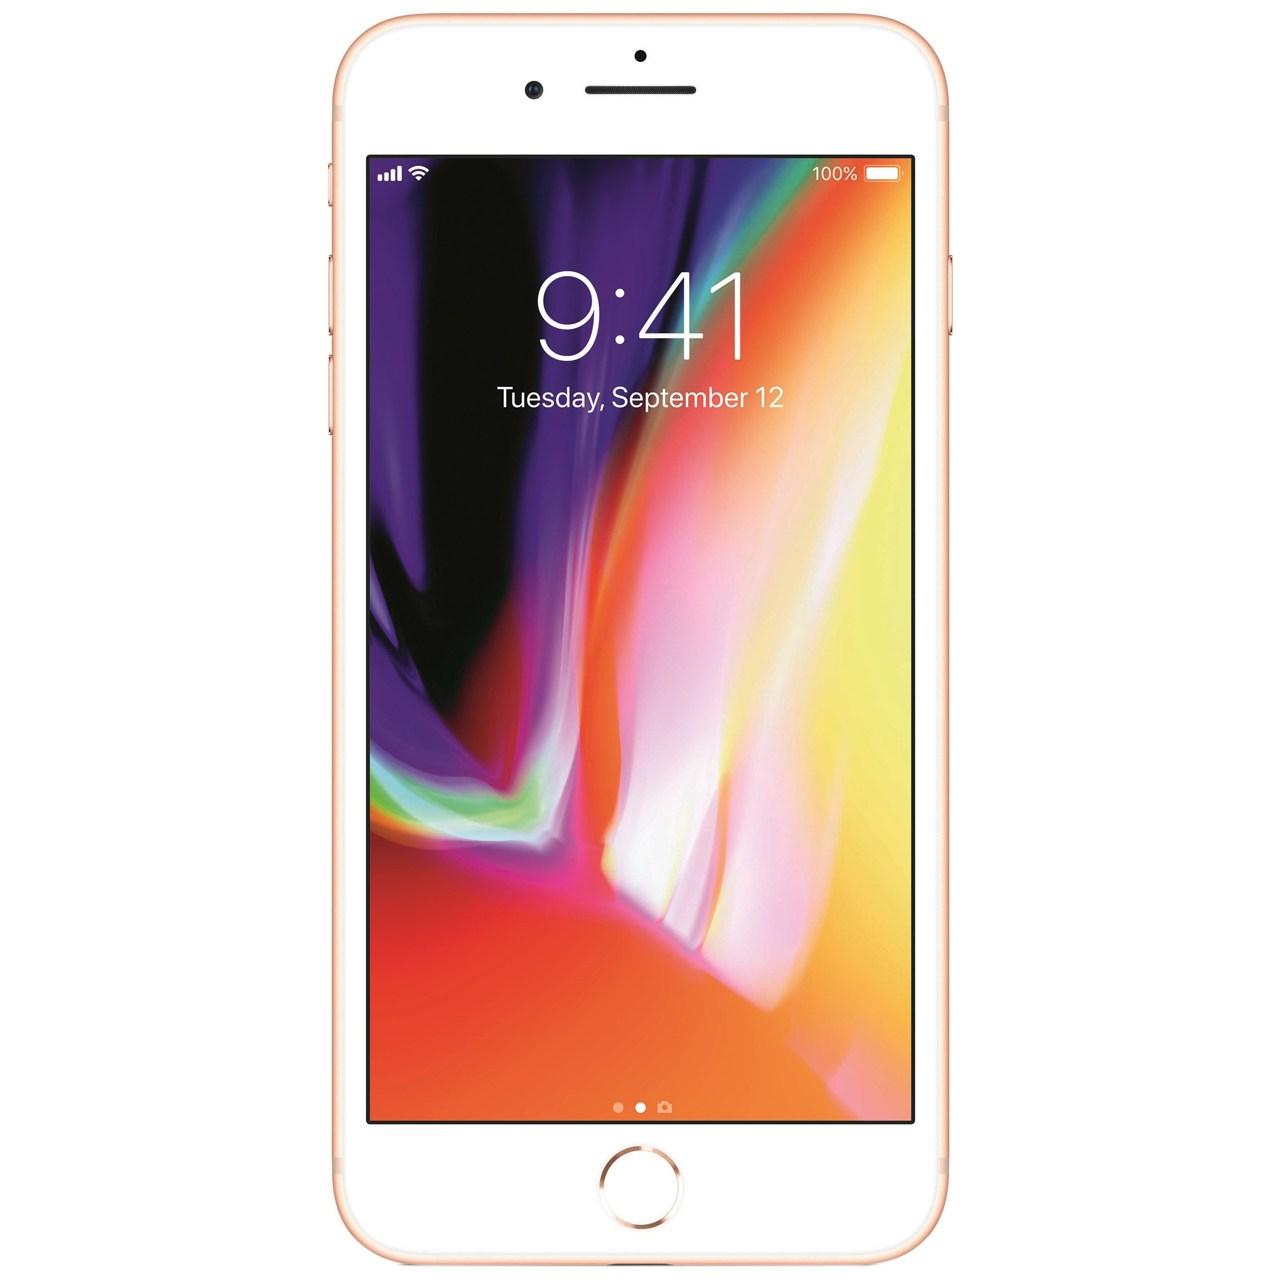 گوشی موبایل اپل مدل iPhone 8 ظرفیت ۲۵۶ گیگابایت